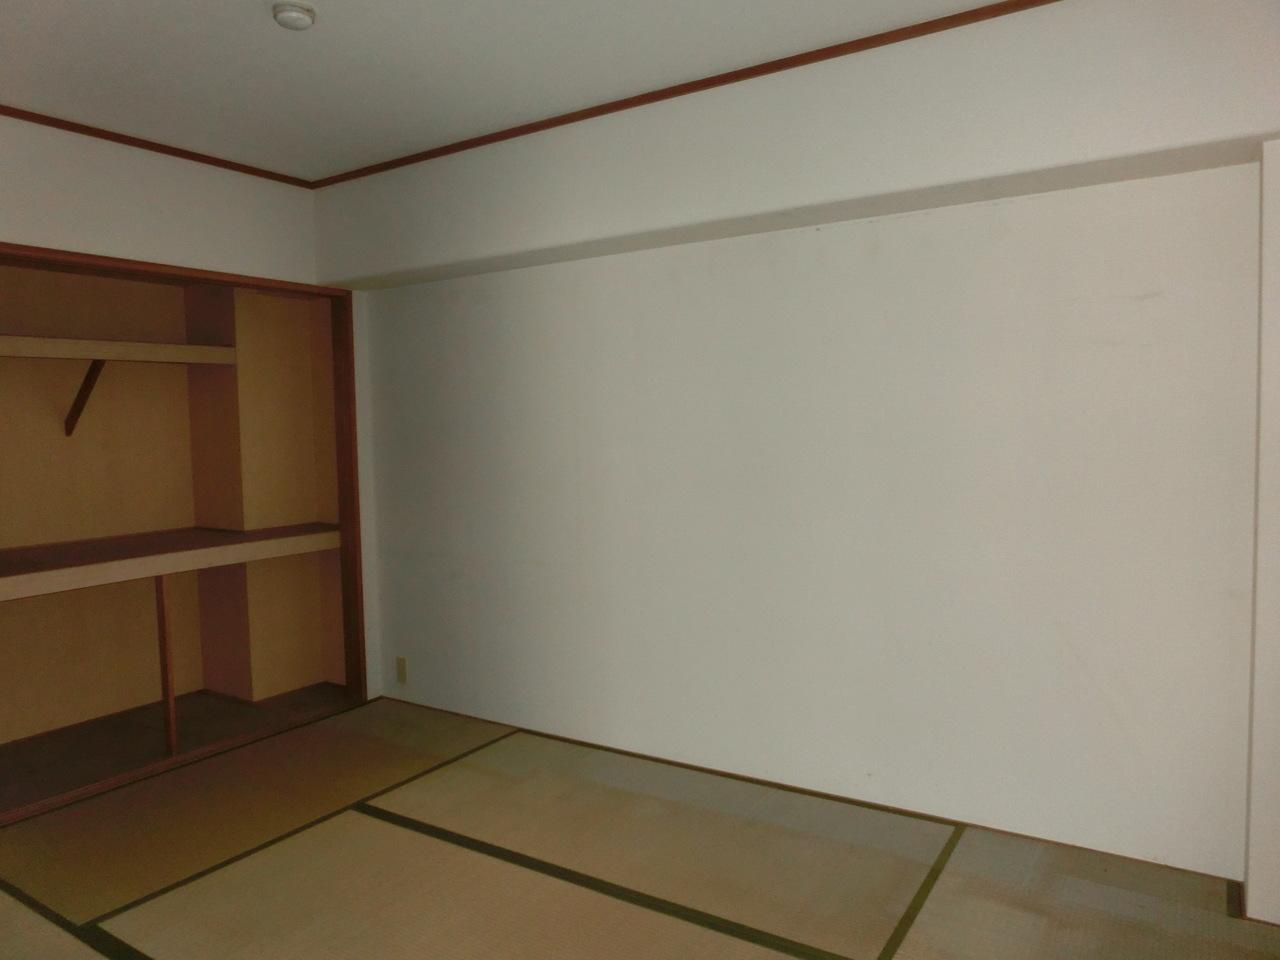 和室6帖です。 押入れも収納十分できます。